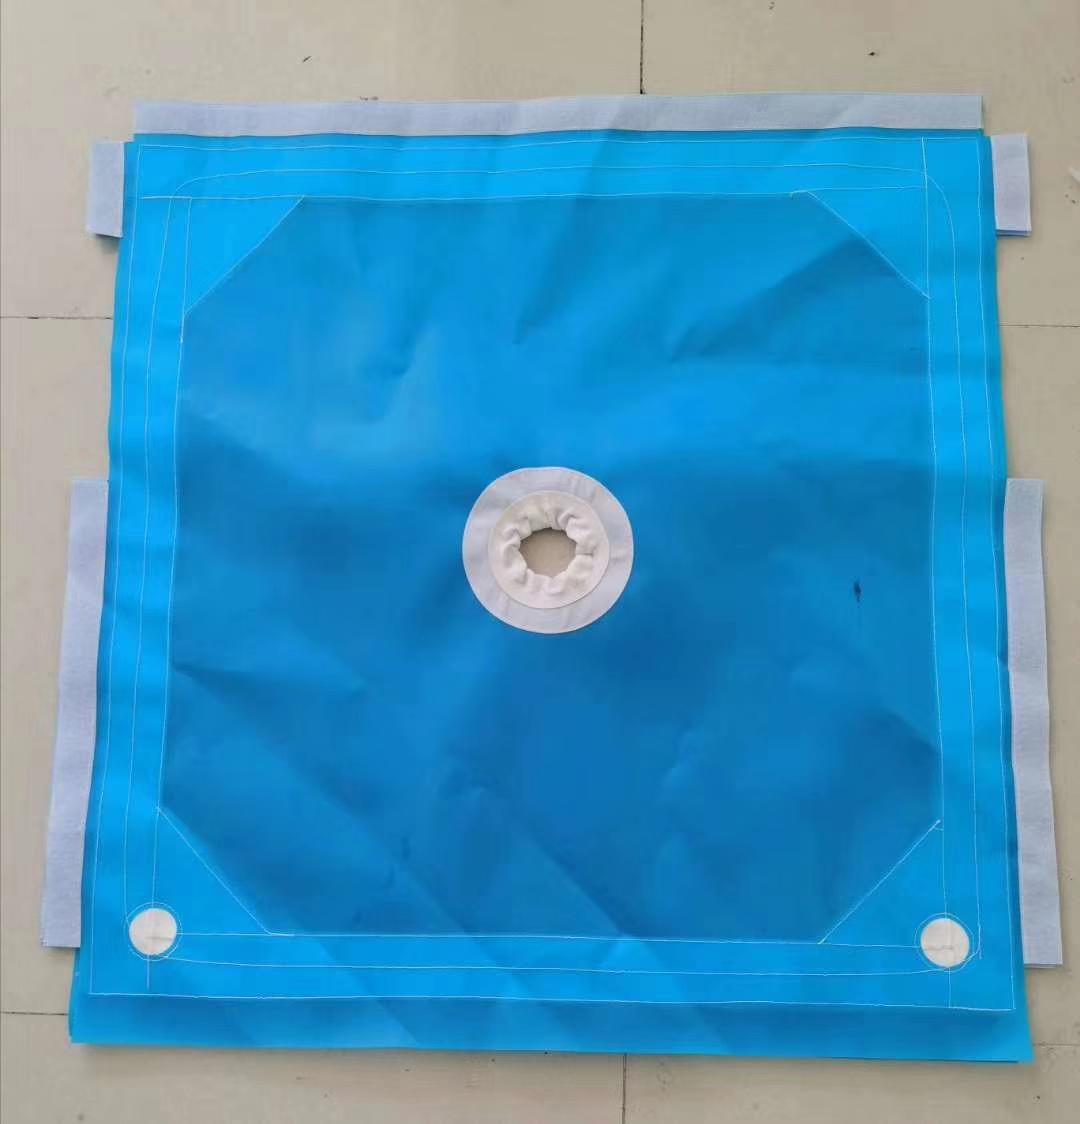 隔膜压滤机滤布 污水处理压滤机滤布-压滤机滤布-污水处理专用压滤机滤布-污水处理过滤机滤布